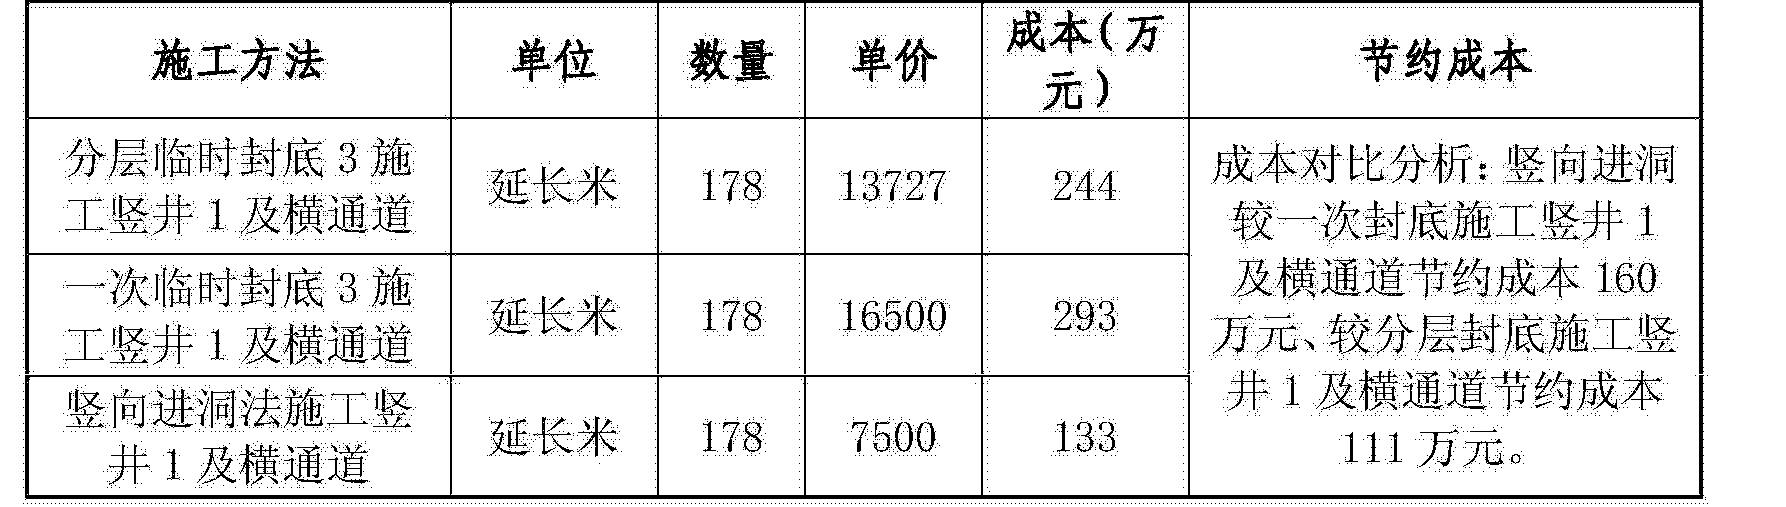 Figure CN103452561BD00092